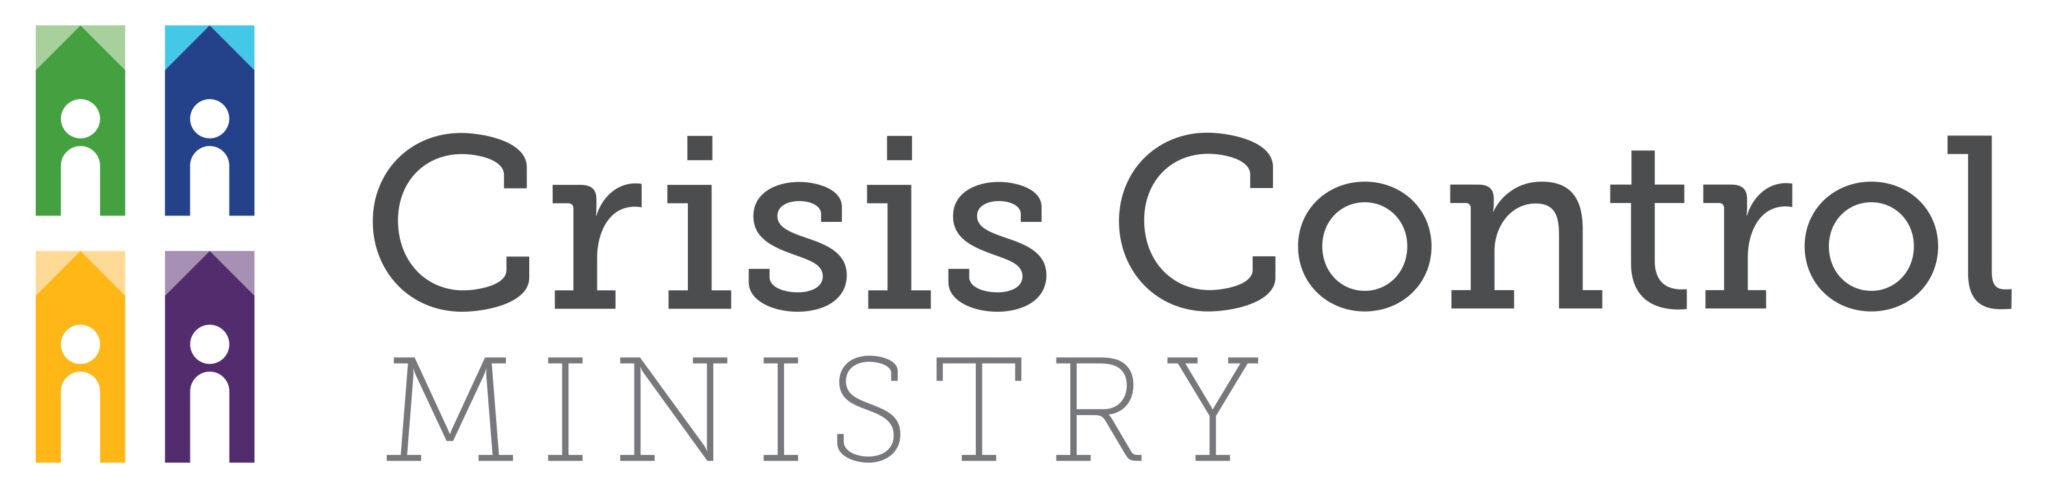 CCM-Horizontal-Color-Logo-2048x488